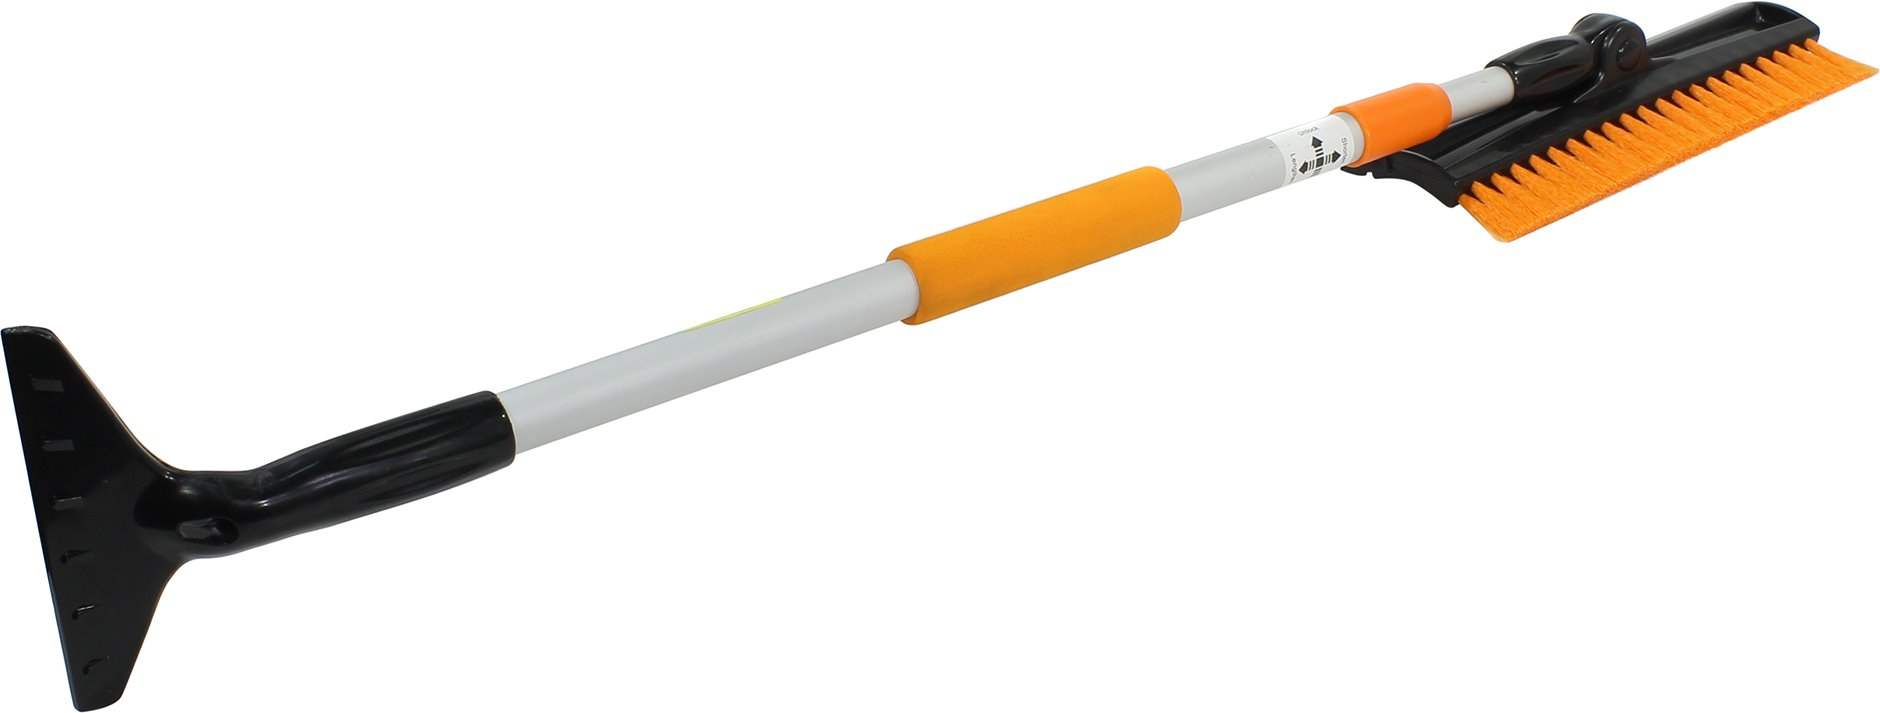 АВТОСТОП Щетка для удаления снега телескопическая со скребком и мягкой ручкой 78-125 см